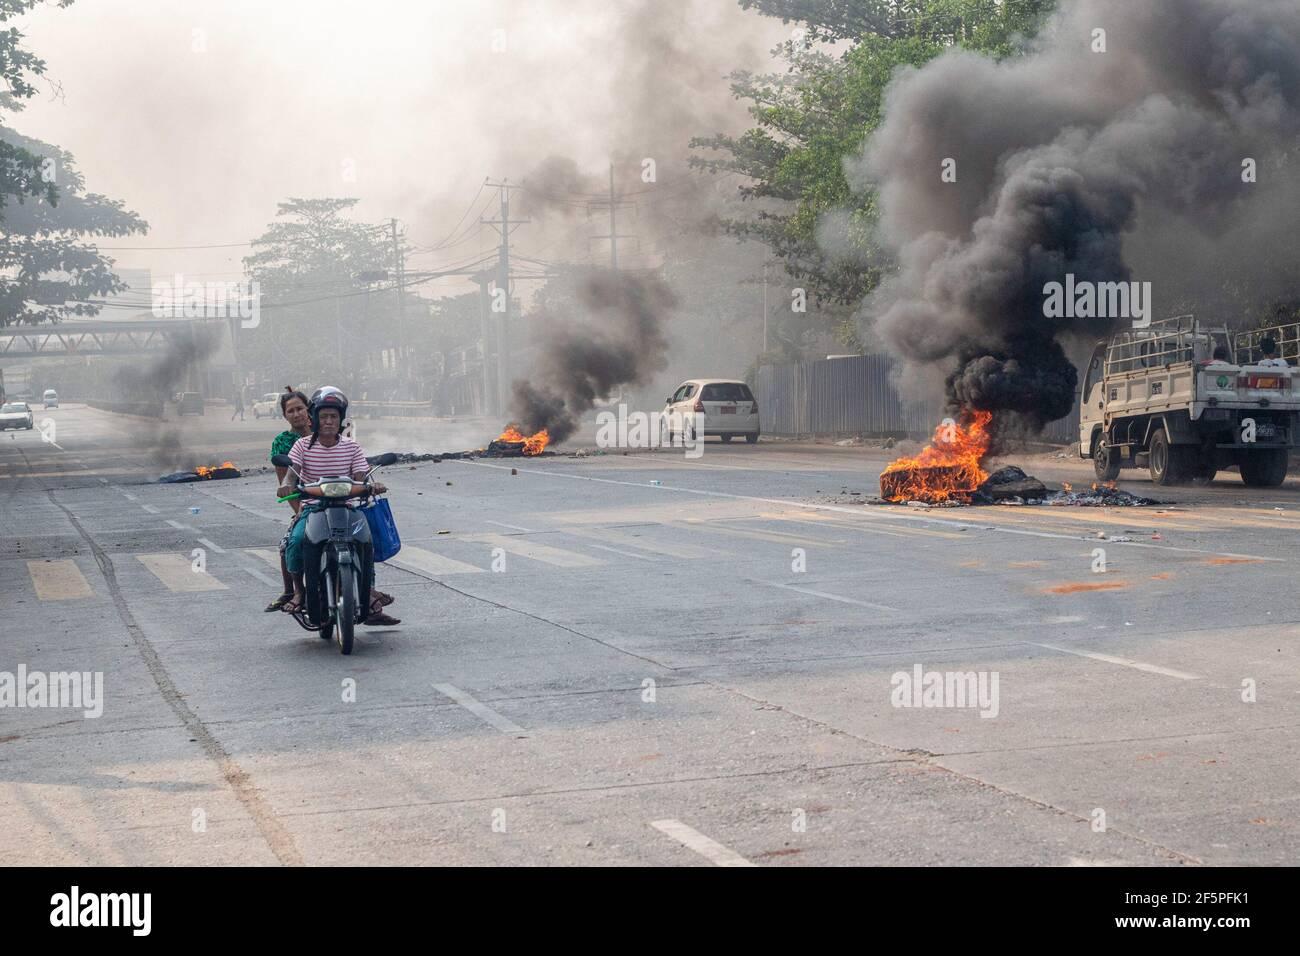 Durante una protesta contra el golpe militar, un motociclista pasa por neumáticos quemados en la calle.la policía y los soldados militares de Myanmar (tatmadow) atacaron a los manifestantes con balas de goma, municiones vivas, gases lacrimógenos y bombas de aturdimiento en respuesta a los manifestantes contra el golpe militar el sábado, matando a más de 90 personas e hirieron a muchas otras. Al menos 300 personas han sido asesinadas en Myanmar desde el golpe de Estado del 1 de febrero, dijo un funcionario de derechos humanos de la ONU. El ejército de Myanmar detuvo a la Consejera de Estado de Myanmar, Aung San Suu Kyi, el 01 de febrero de 2021, y declaró el estado de emergencia mientras se apoderaba del povo Foto de stock